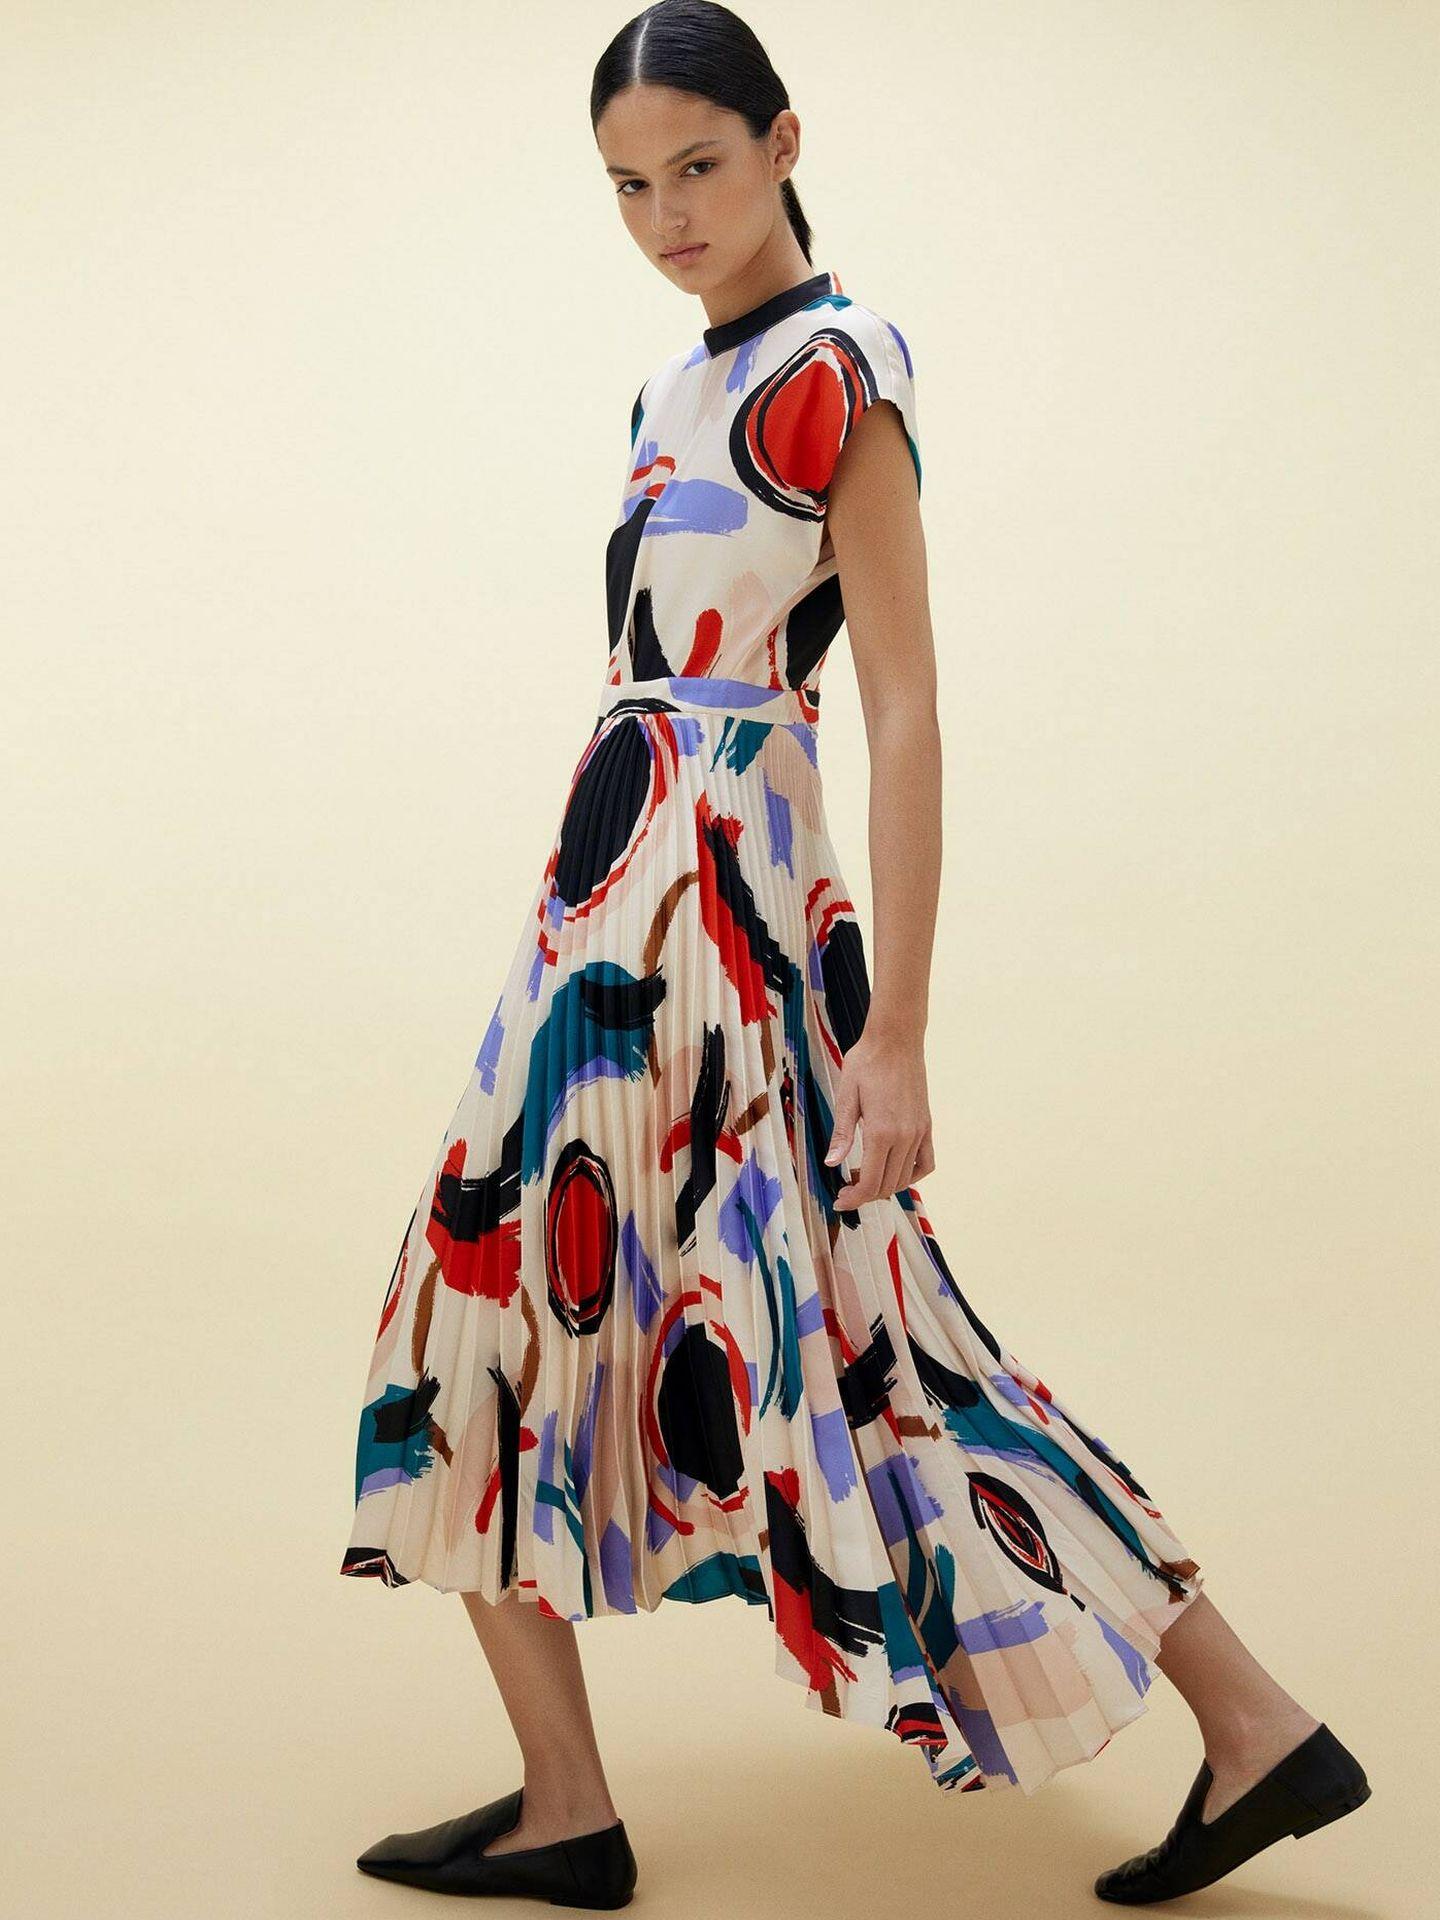 Un nuevo vestido low cost de Sfera. (Cortesía)